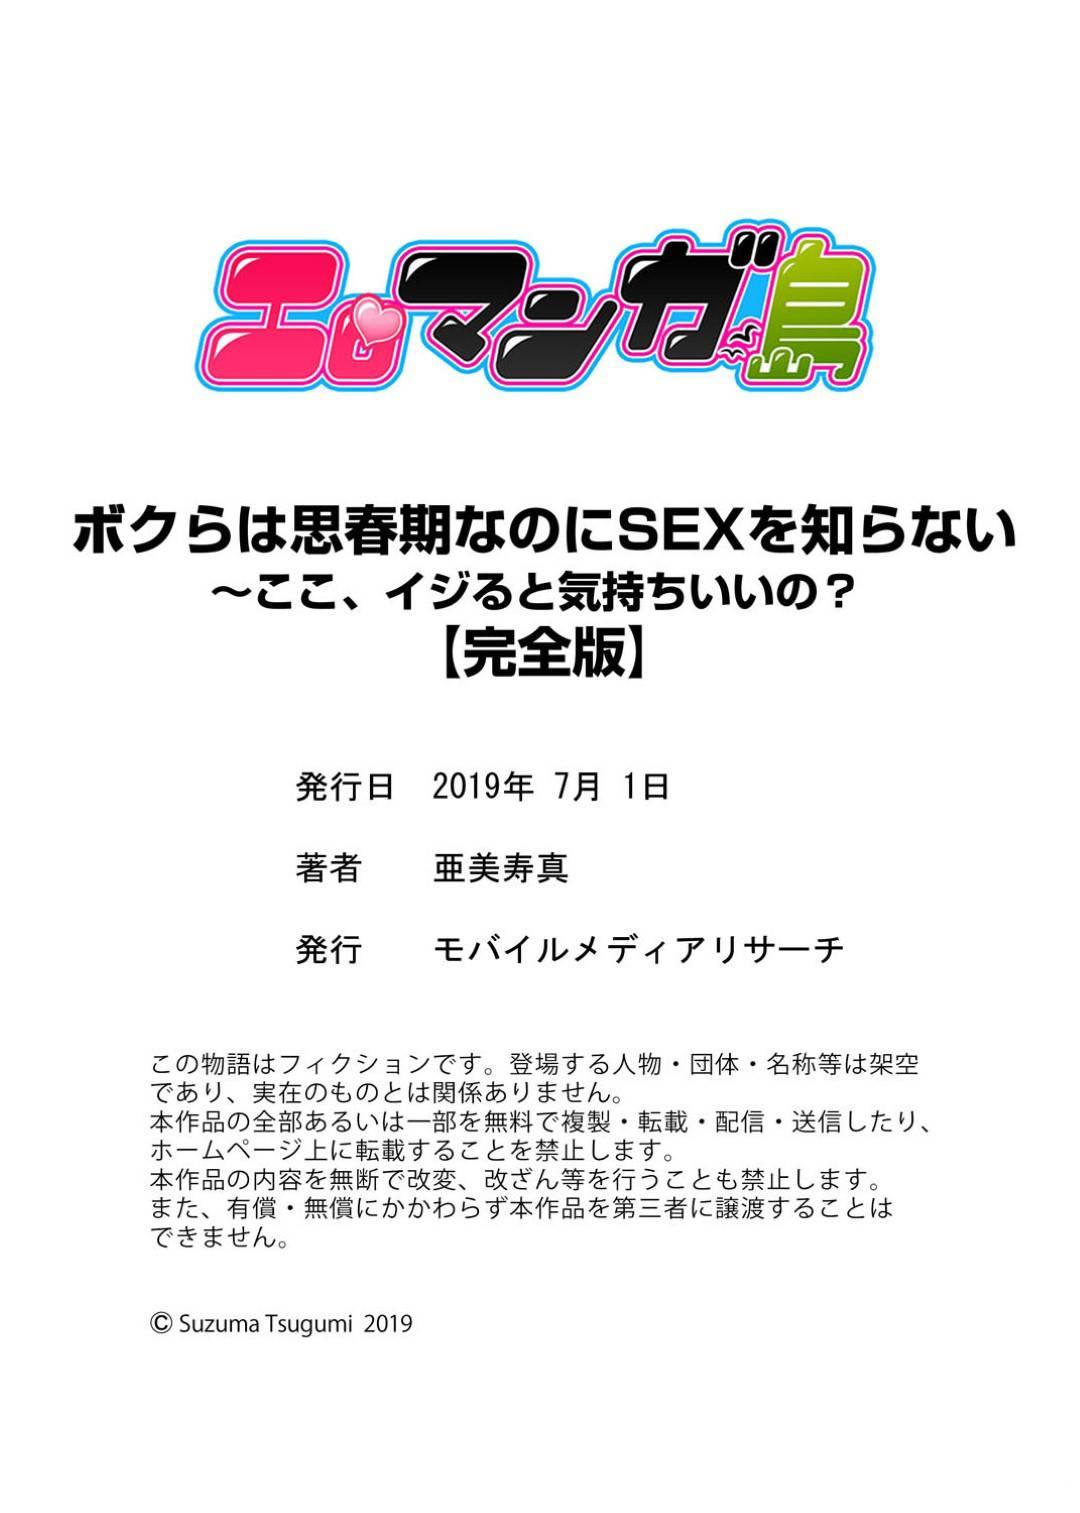 【エロ漫画】セックスを知らない世界に生まれた男子高生…裏山で見つけたSEXの本に興味を持ち同級生達と中出しセックスで試していく【亜美寿真:ボクらは思春期なのにSEXを知らないーこの穴に挿れると気持ちいいの?完全版】